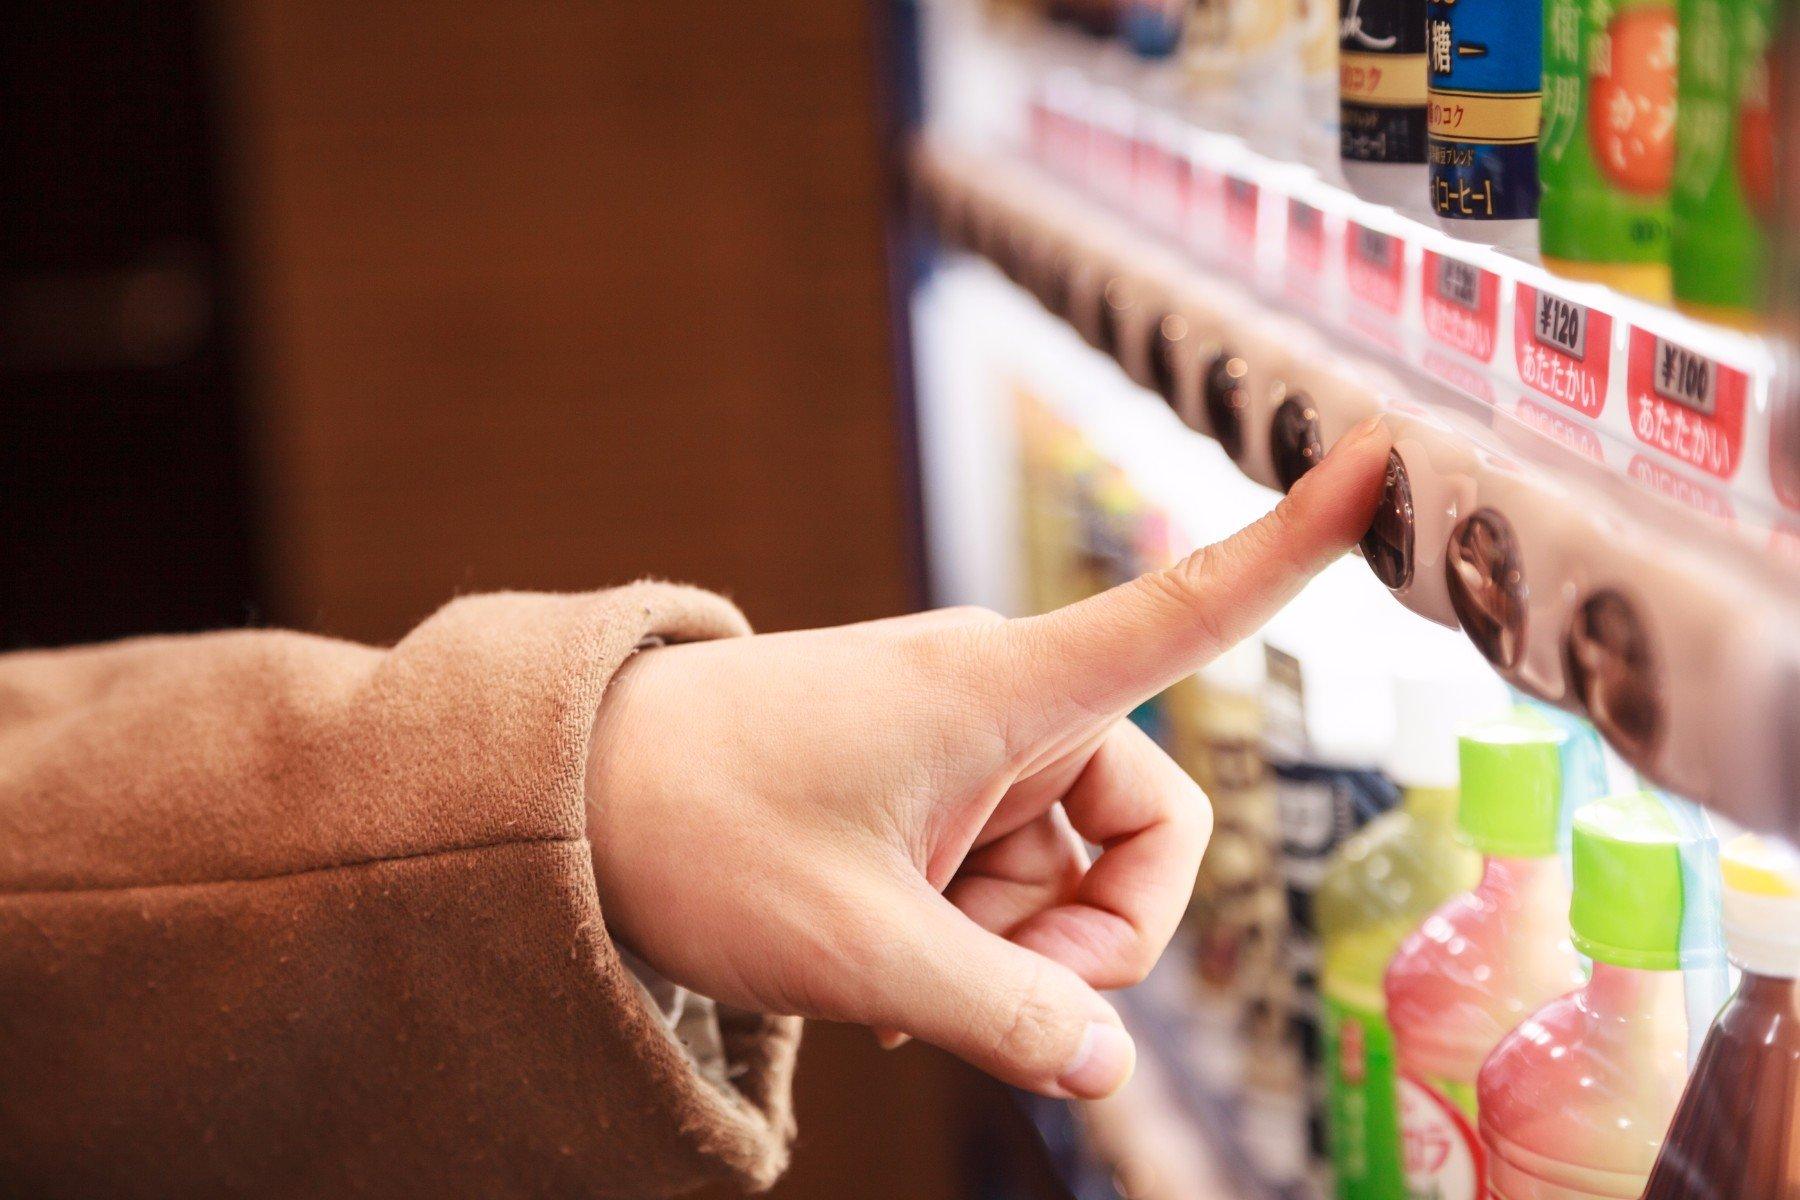 mano pigia il pulsante di un distributore automatico